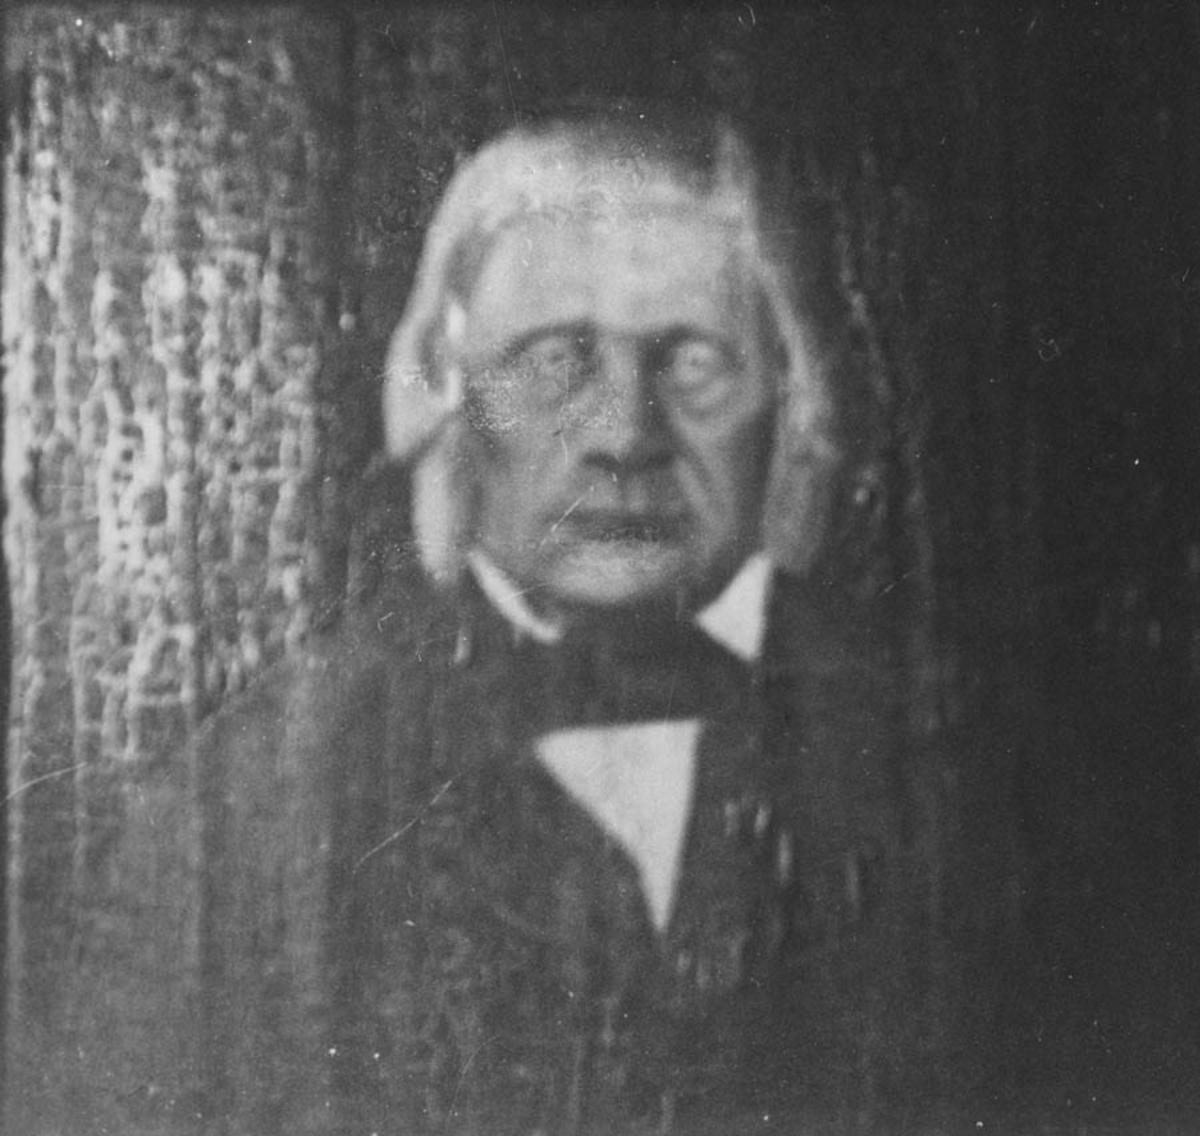 Portrett av Christian Larsen Mørk (1791-1871) malt av A.Eriksen